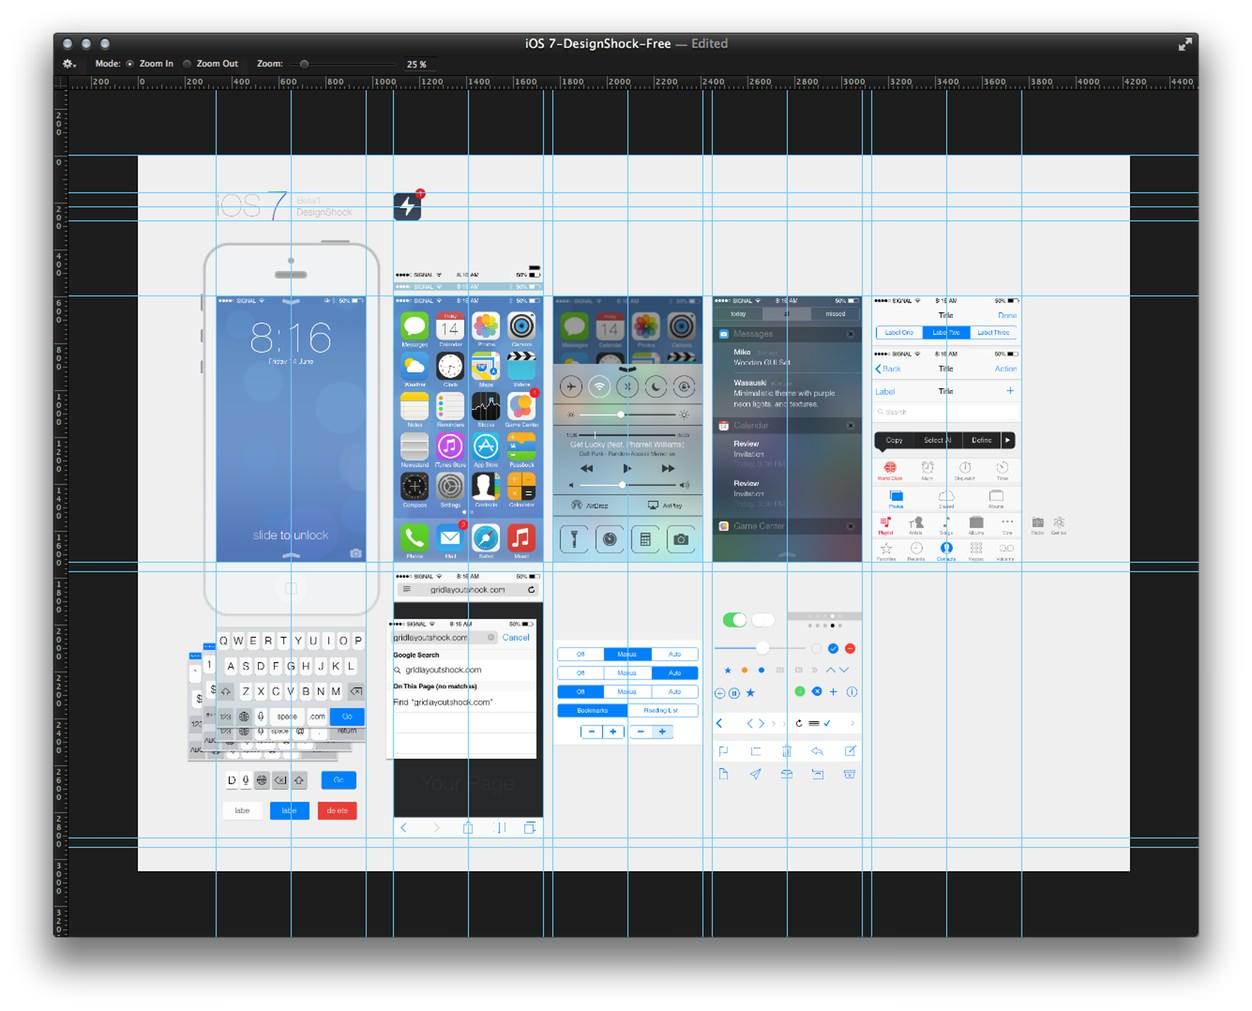 IPhoneBlog de iOS7 Design